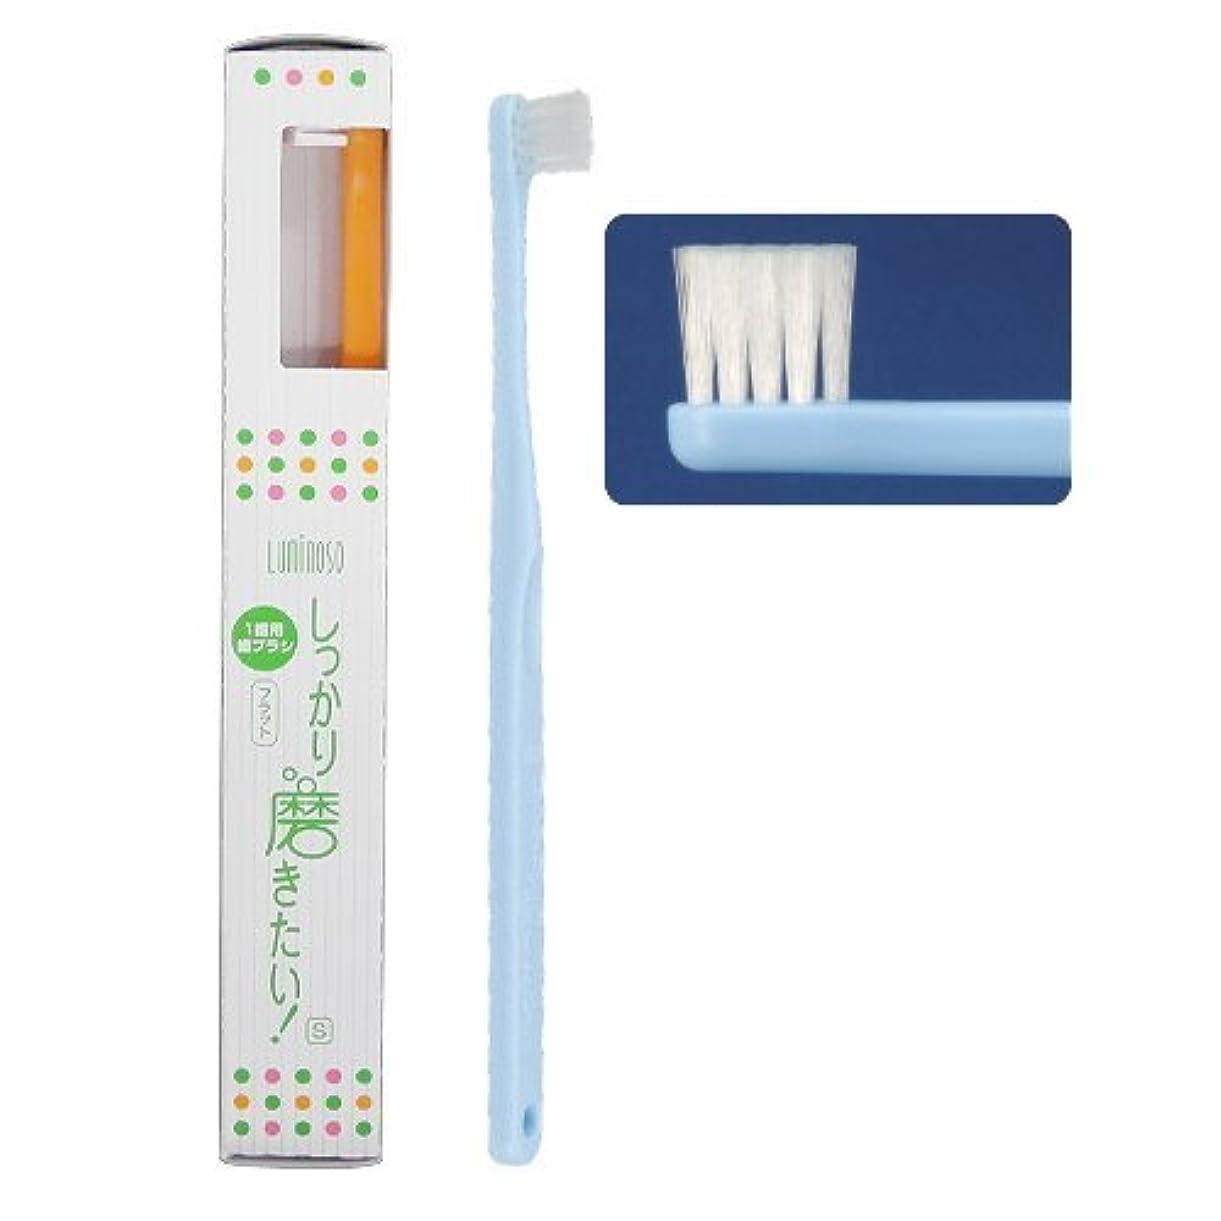 処理指導するミリメートルルミノソ 1歯用歯ブラシ 「しっかり磨きたい!」 フラット ソフト (カラー指定不可) 10本